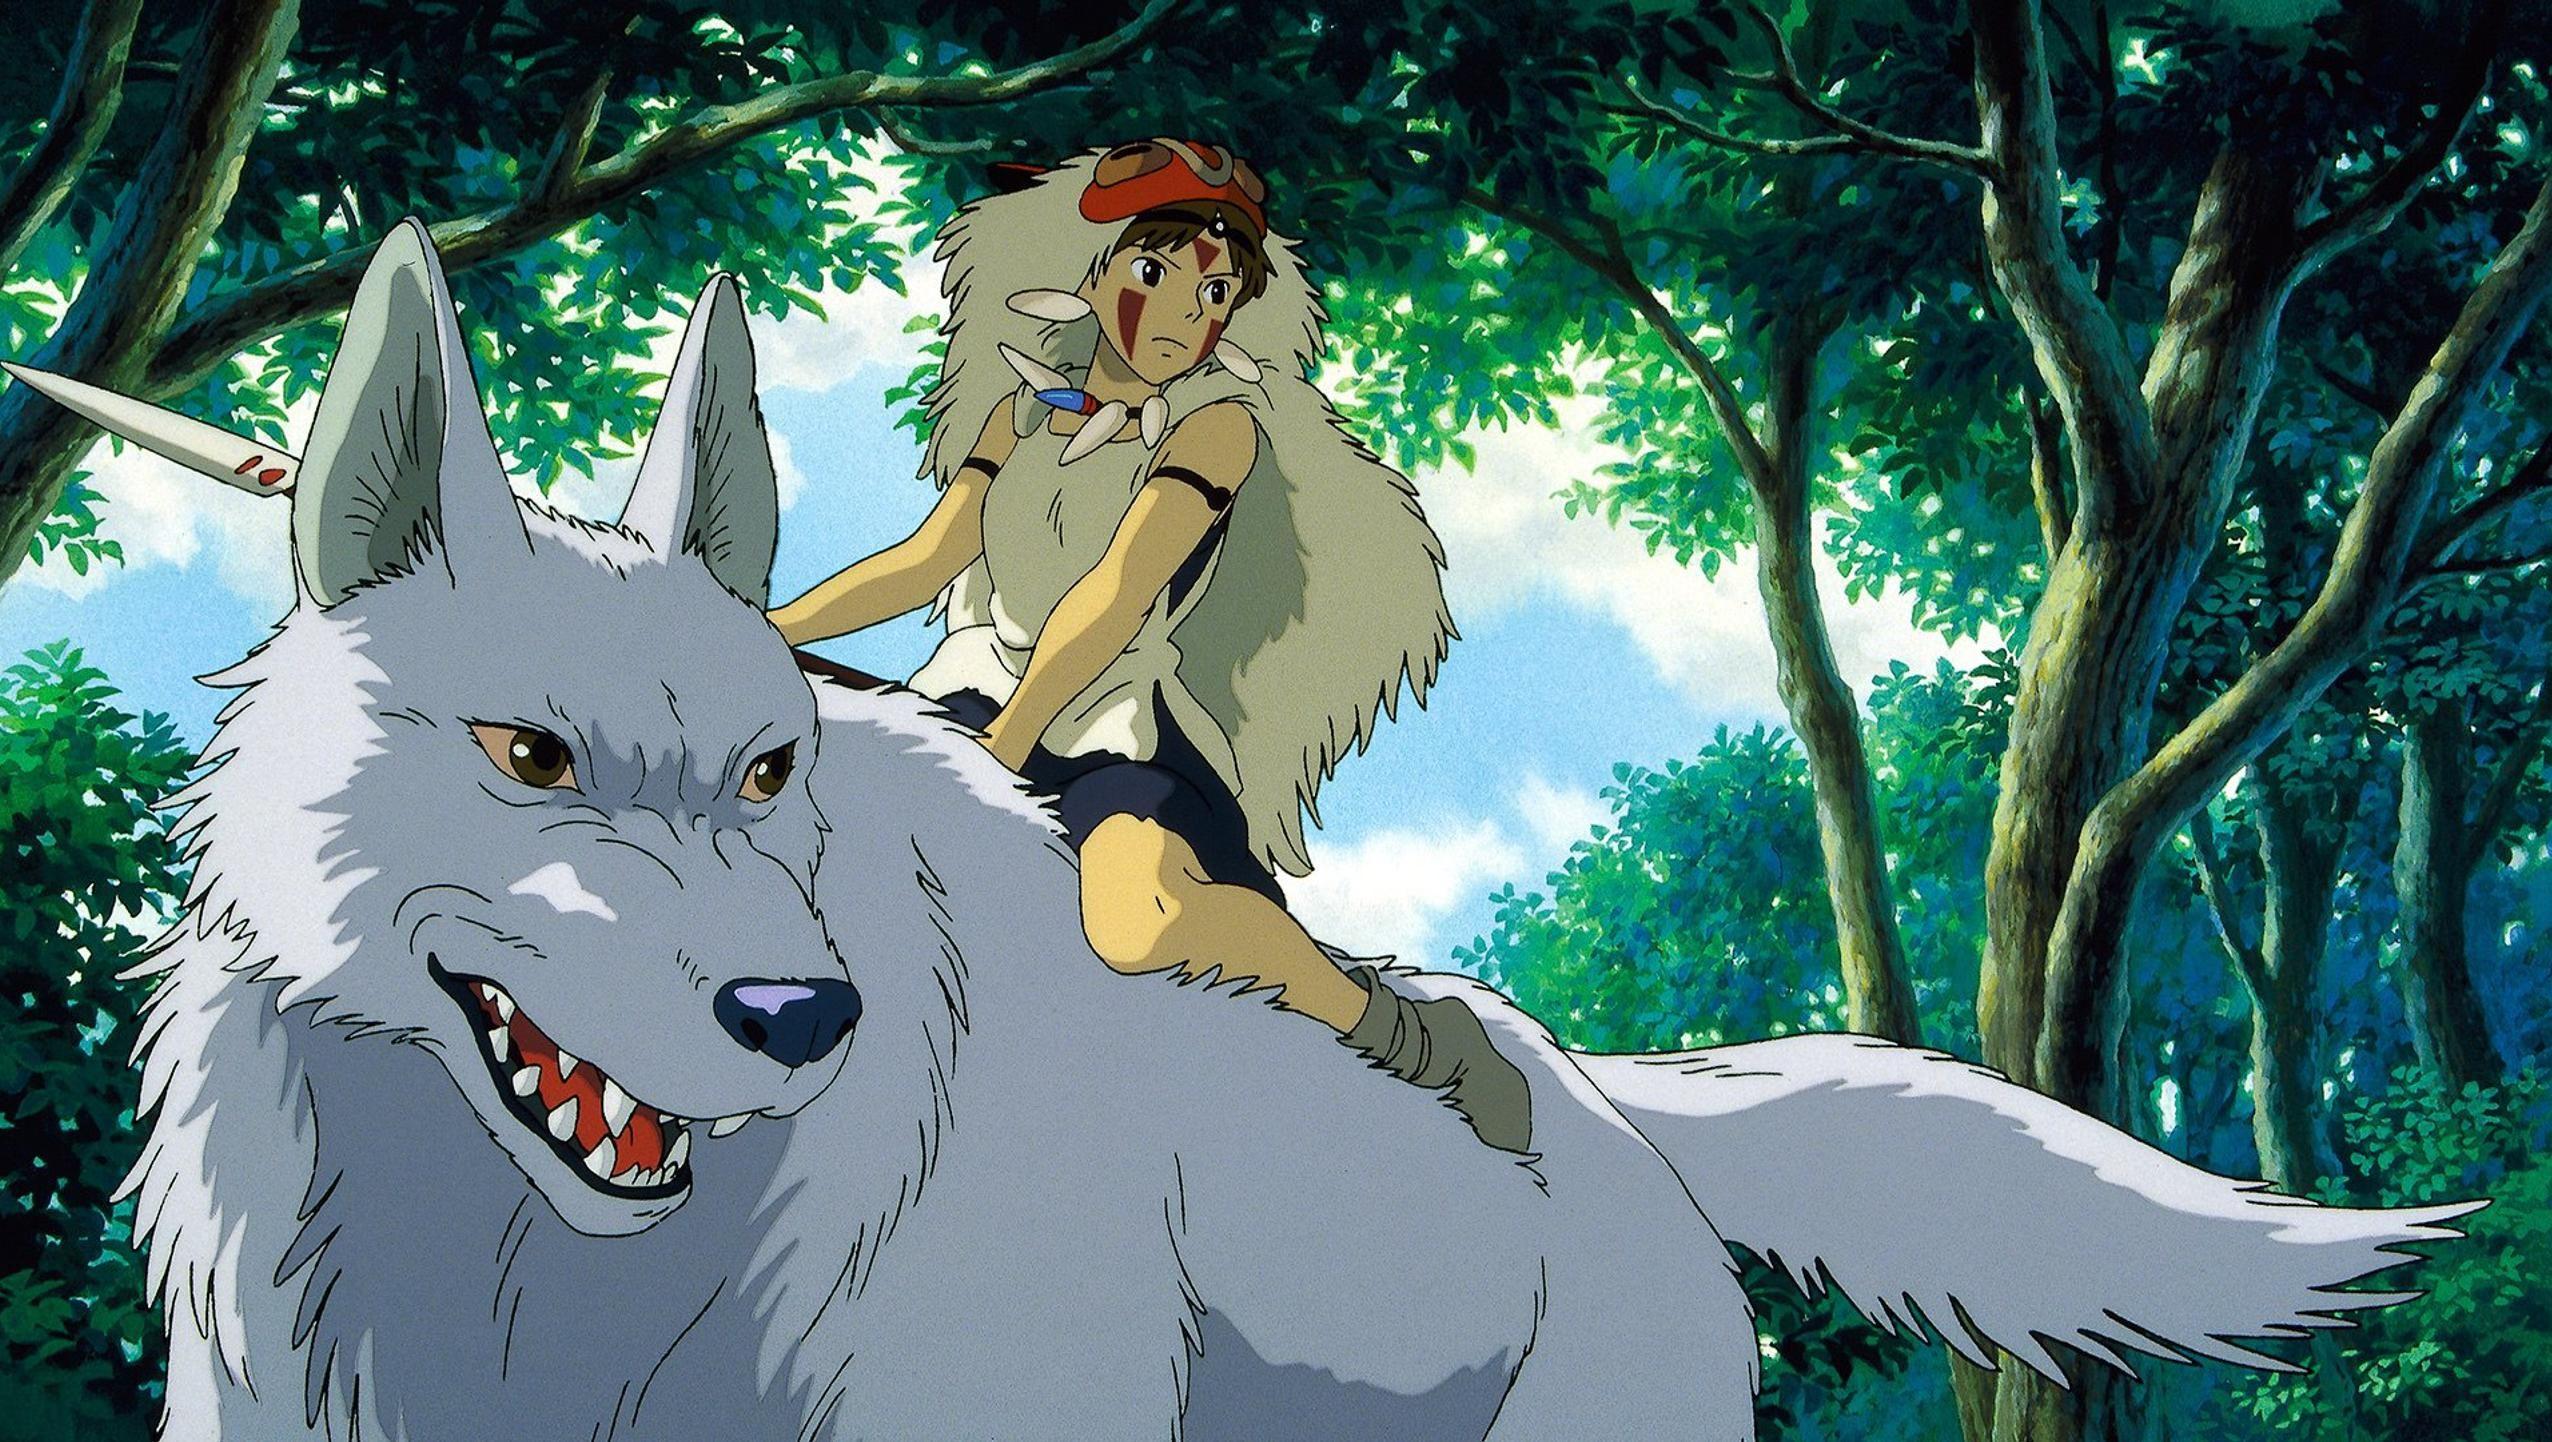 Princess Mononoke 1997 Desktop Wallpaper Moviemania In 2020 Studio Ghibli Art Studio Ghibli Ghibli Movies